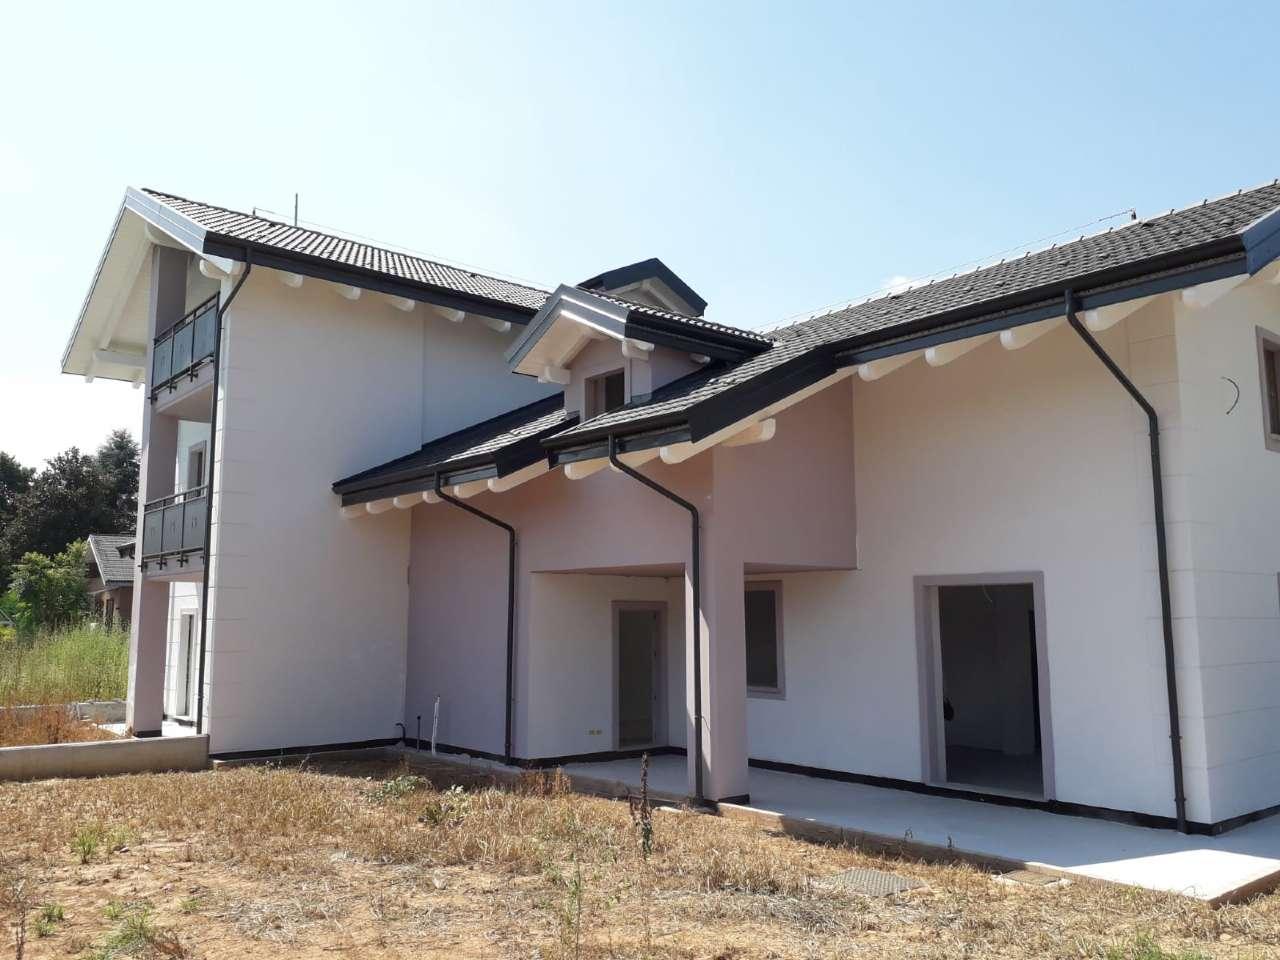 Villa a Schiera in vendita a Druento, 4 locali, prezzo € 319.000 | PortaleAgenzieImmobiliari.it